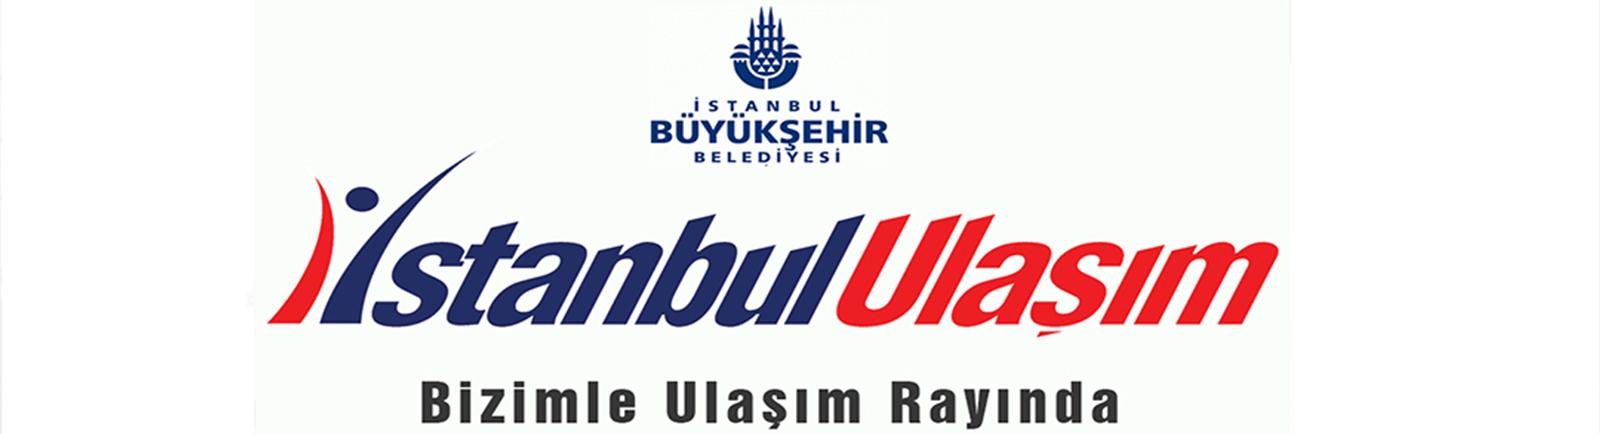 İstanbul Ulaşım da BayKAMBER'i Seçti